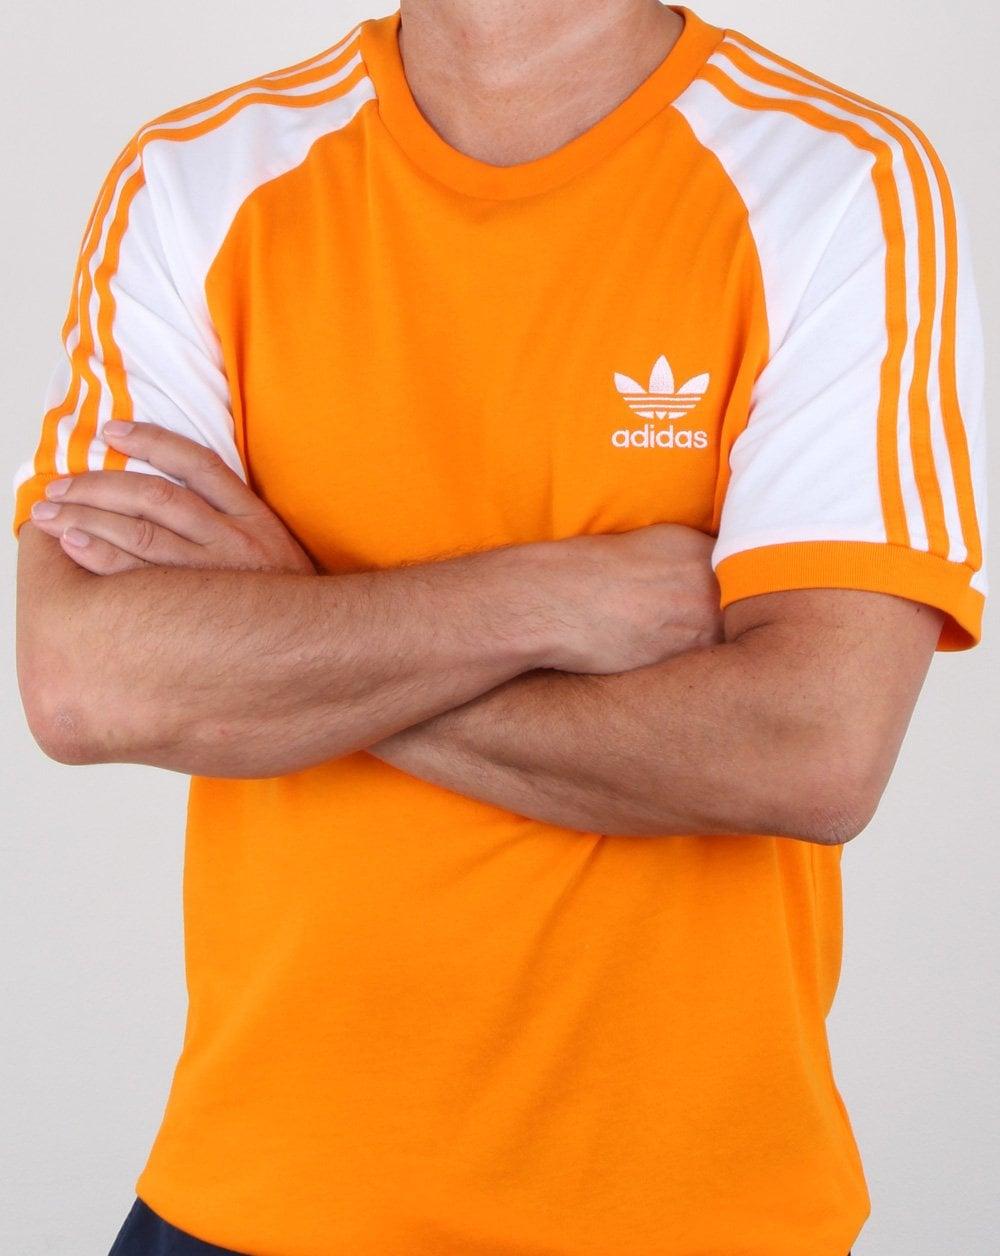 76567c877 Adidas Originals 3 Stripes T Shirt Bright Orange, Mens, Trefoil, Crew